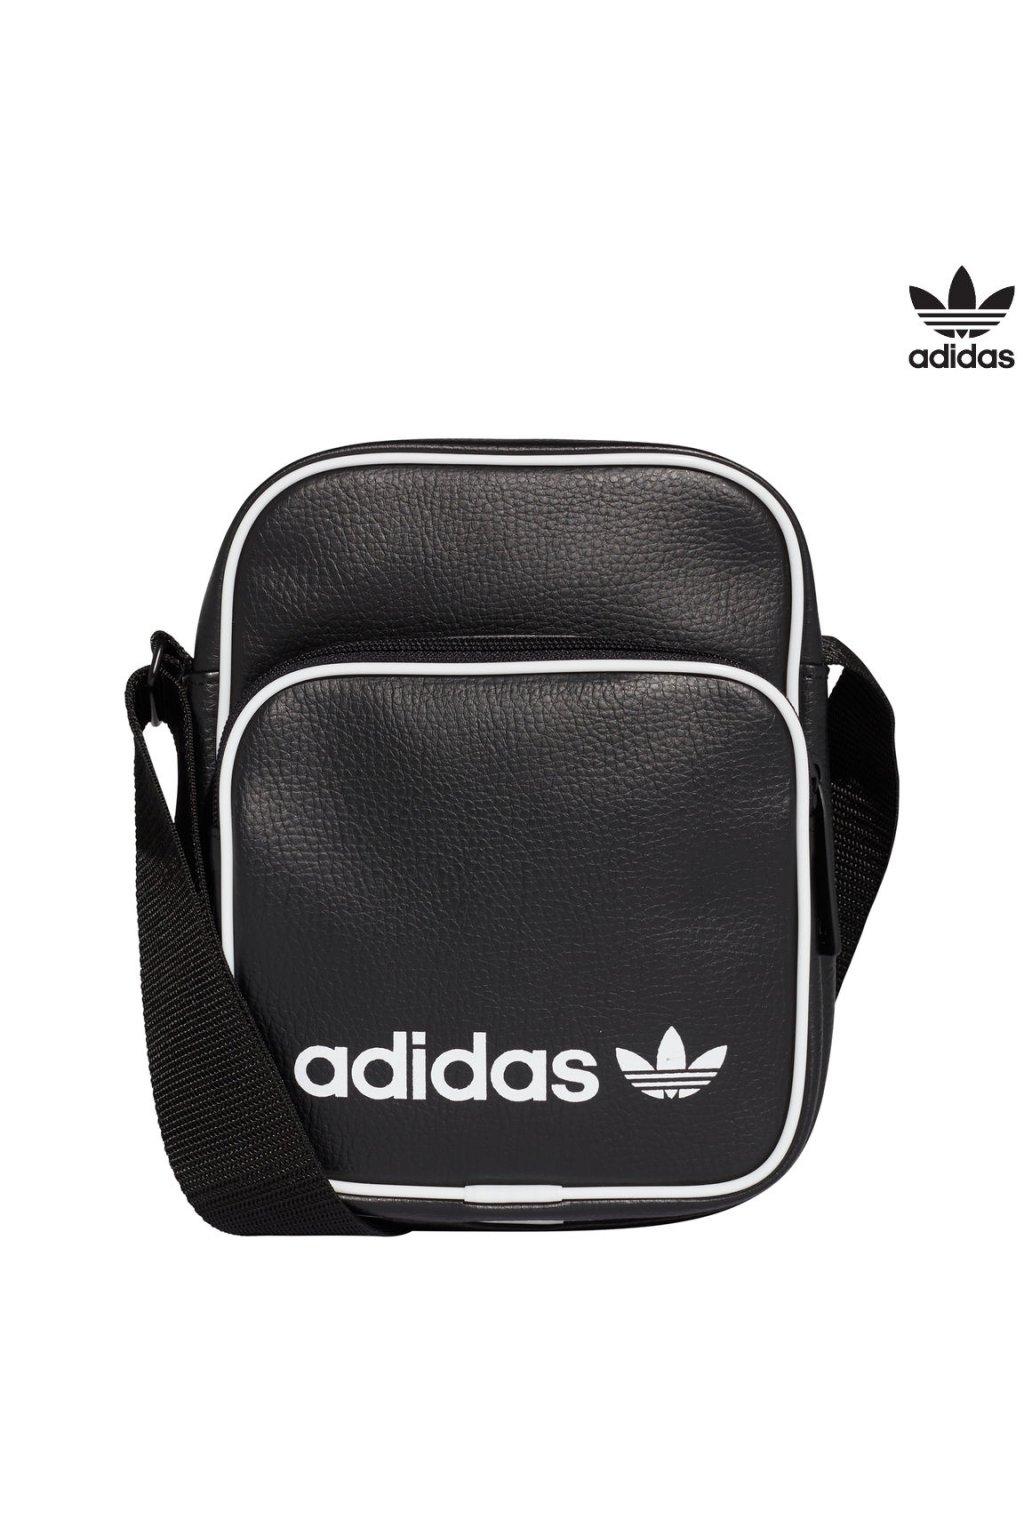 dh1006 taska adidas mini bag vintage (1)